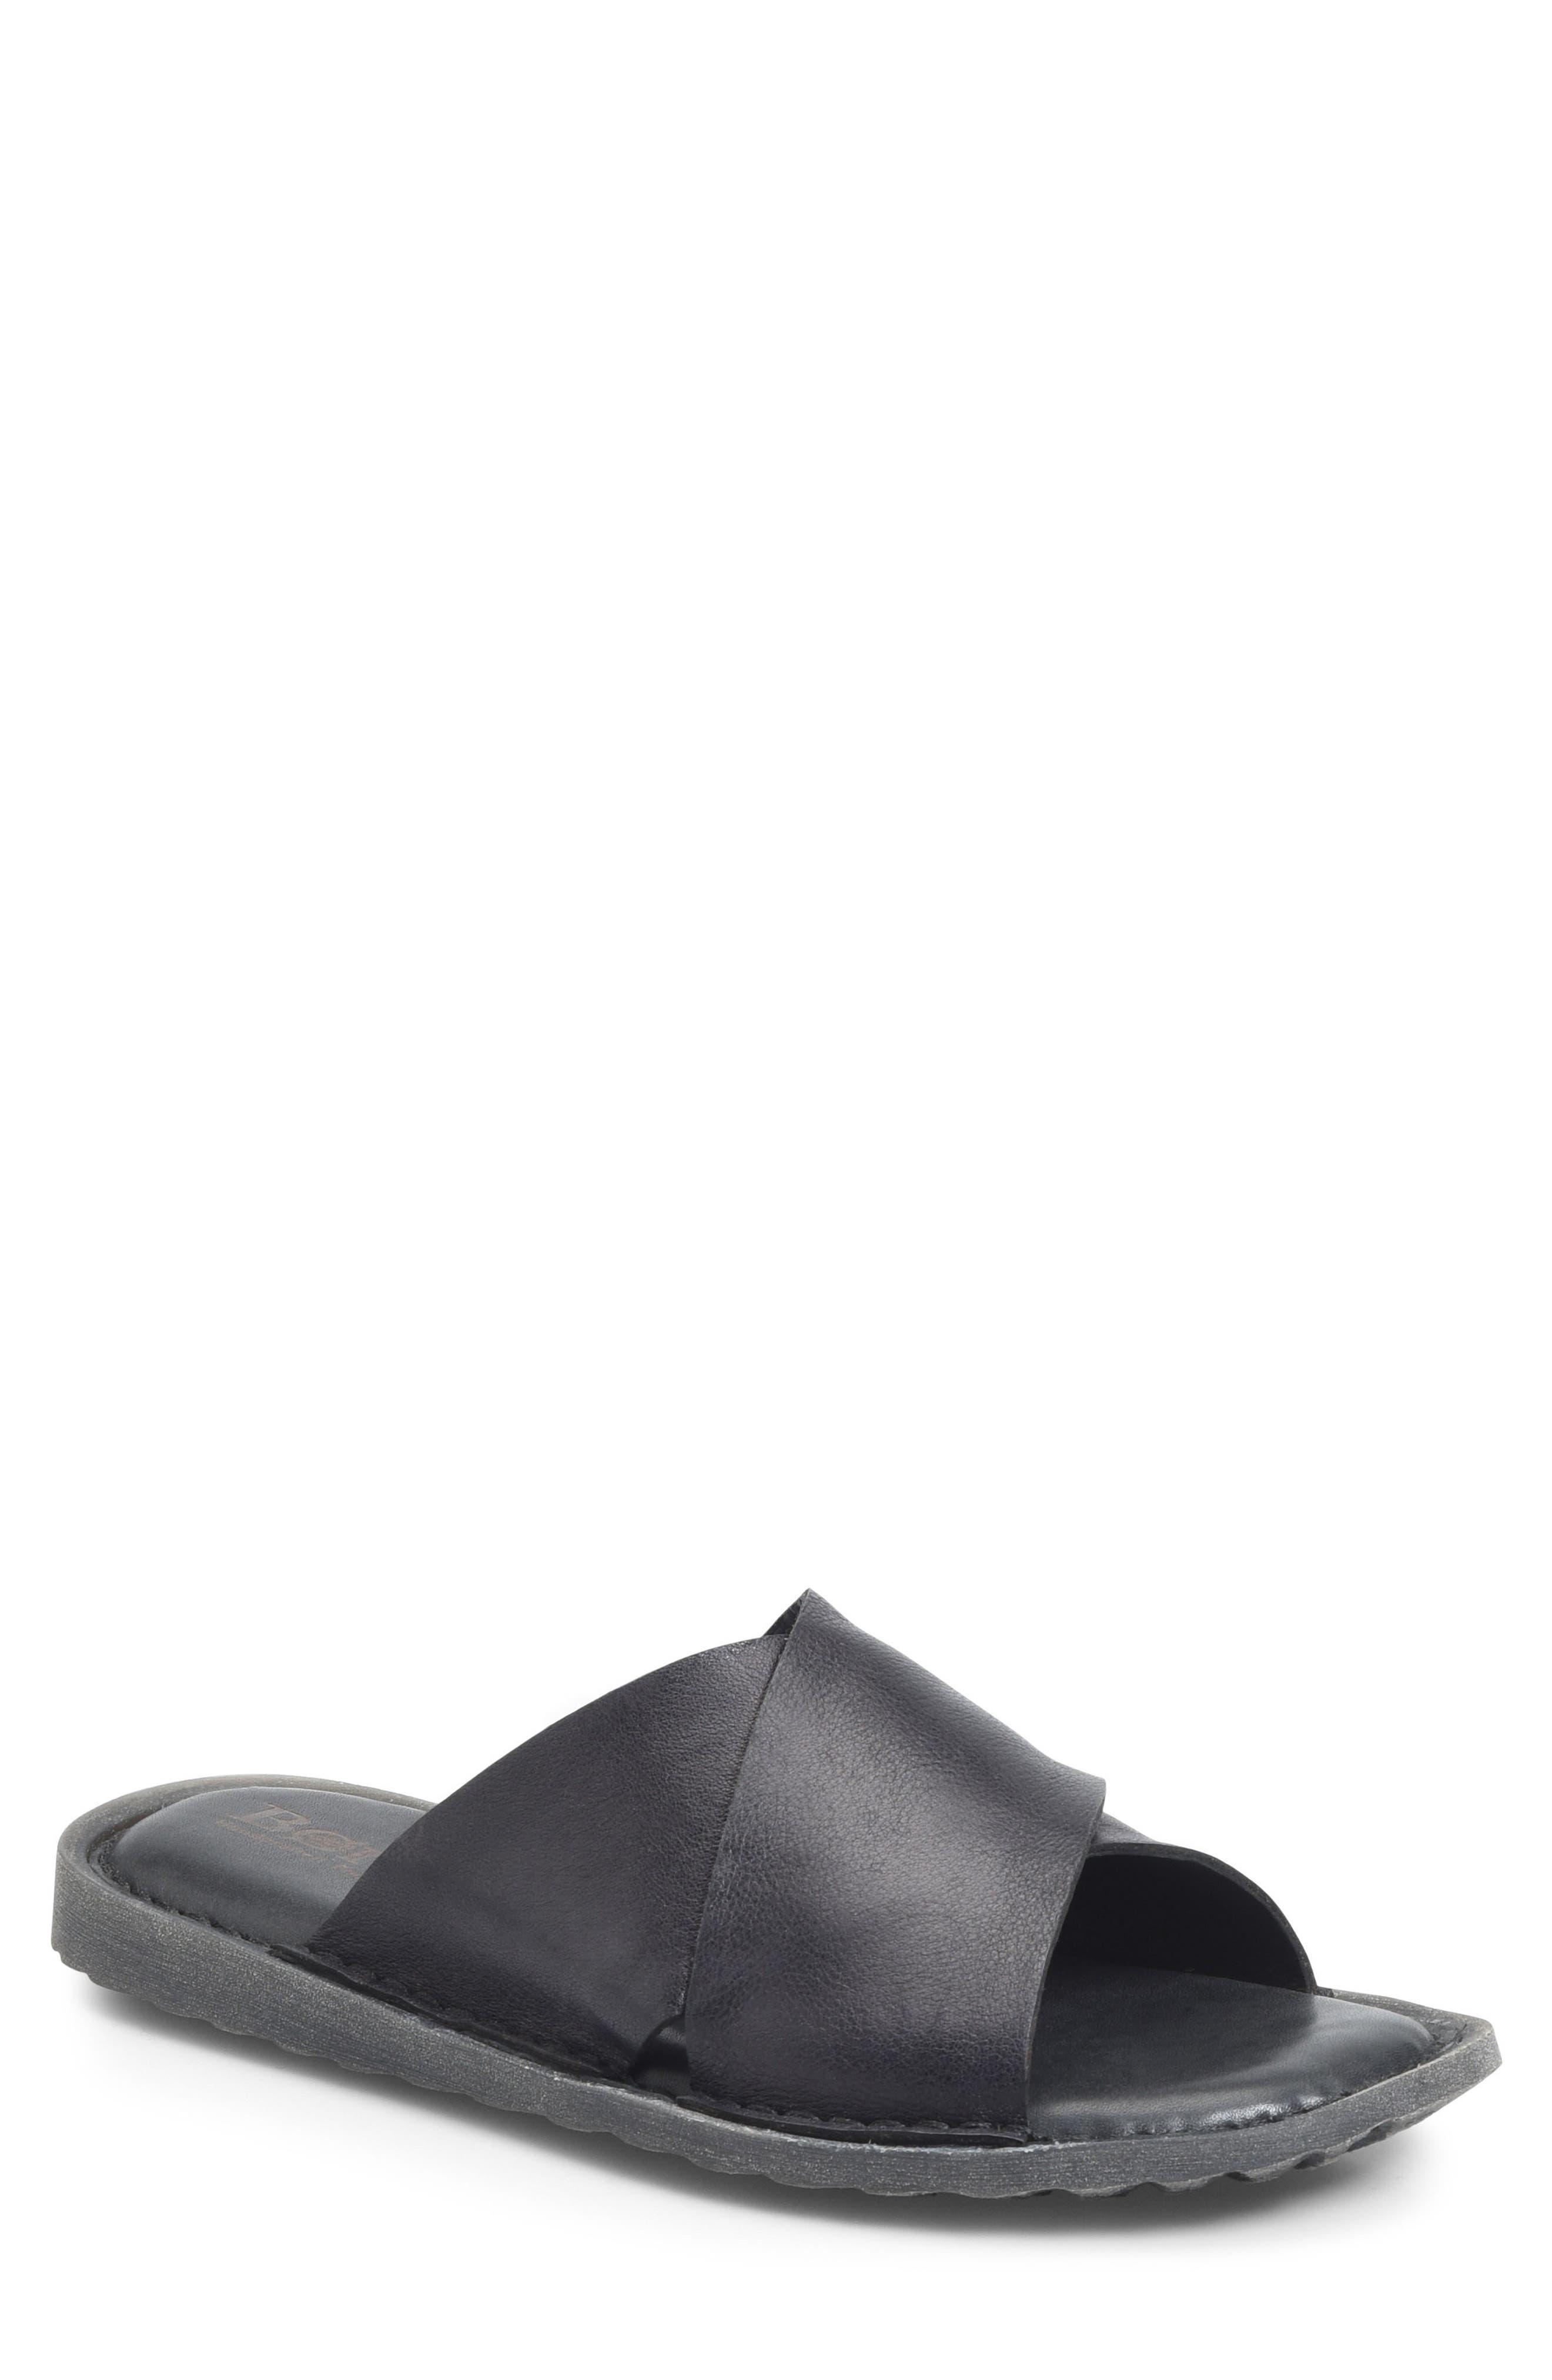 Getaway Slide Sandal,                         Main,                         color, BLACK LEATHER